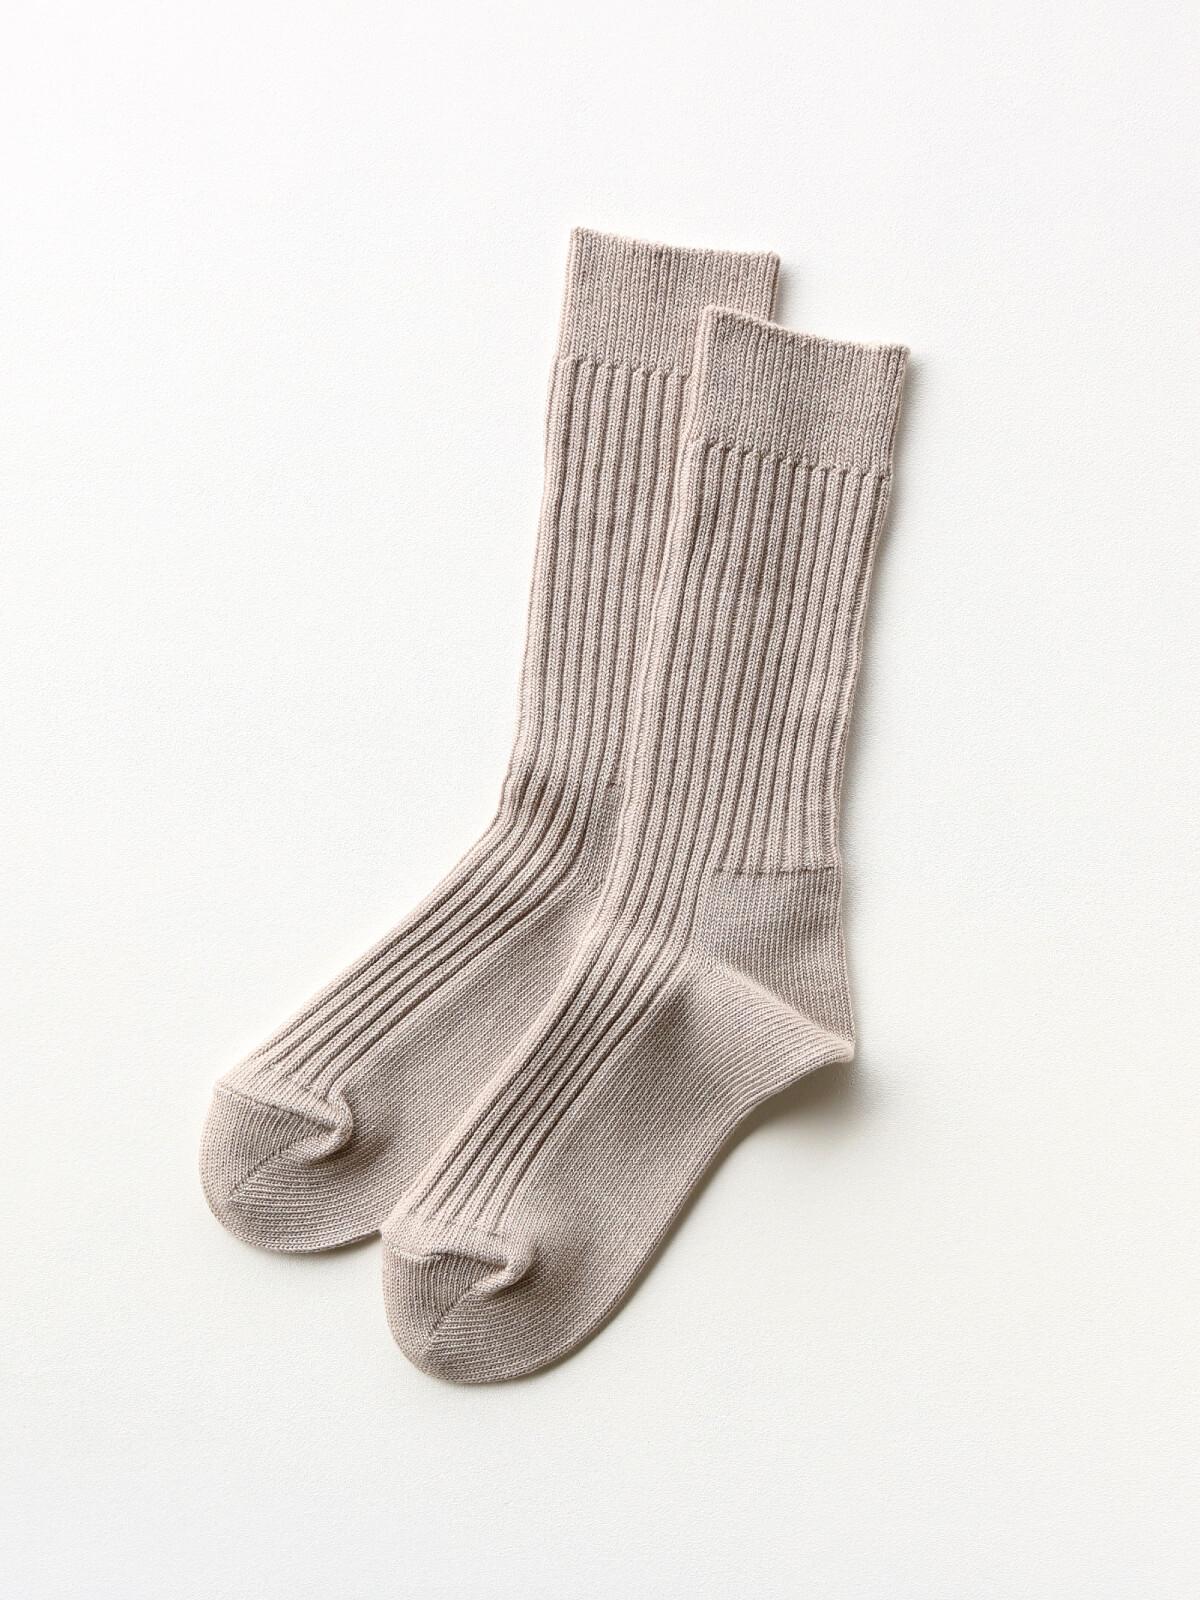 当たりつきギフト専用靴下のLUCKY SOCKS(ラッキーソックス)のSmooth Rib Socks(スムースリブソックス)のグレージュ_2